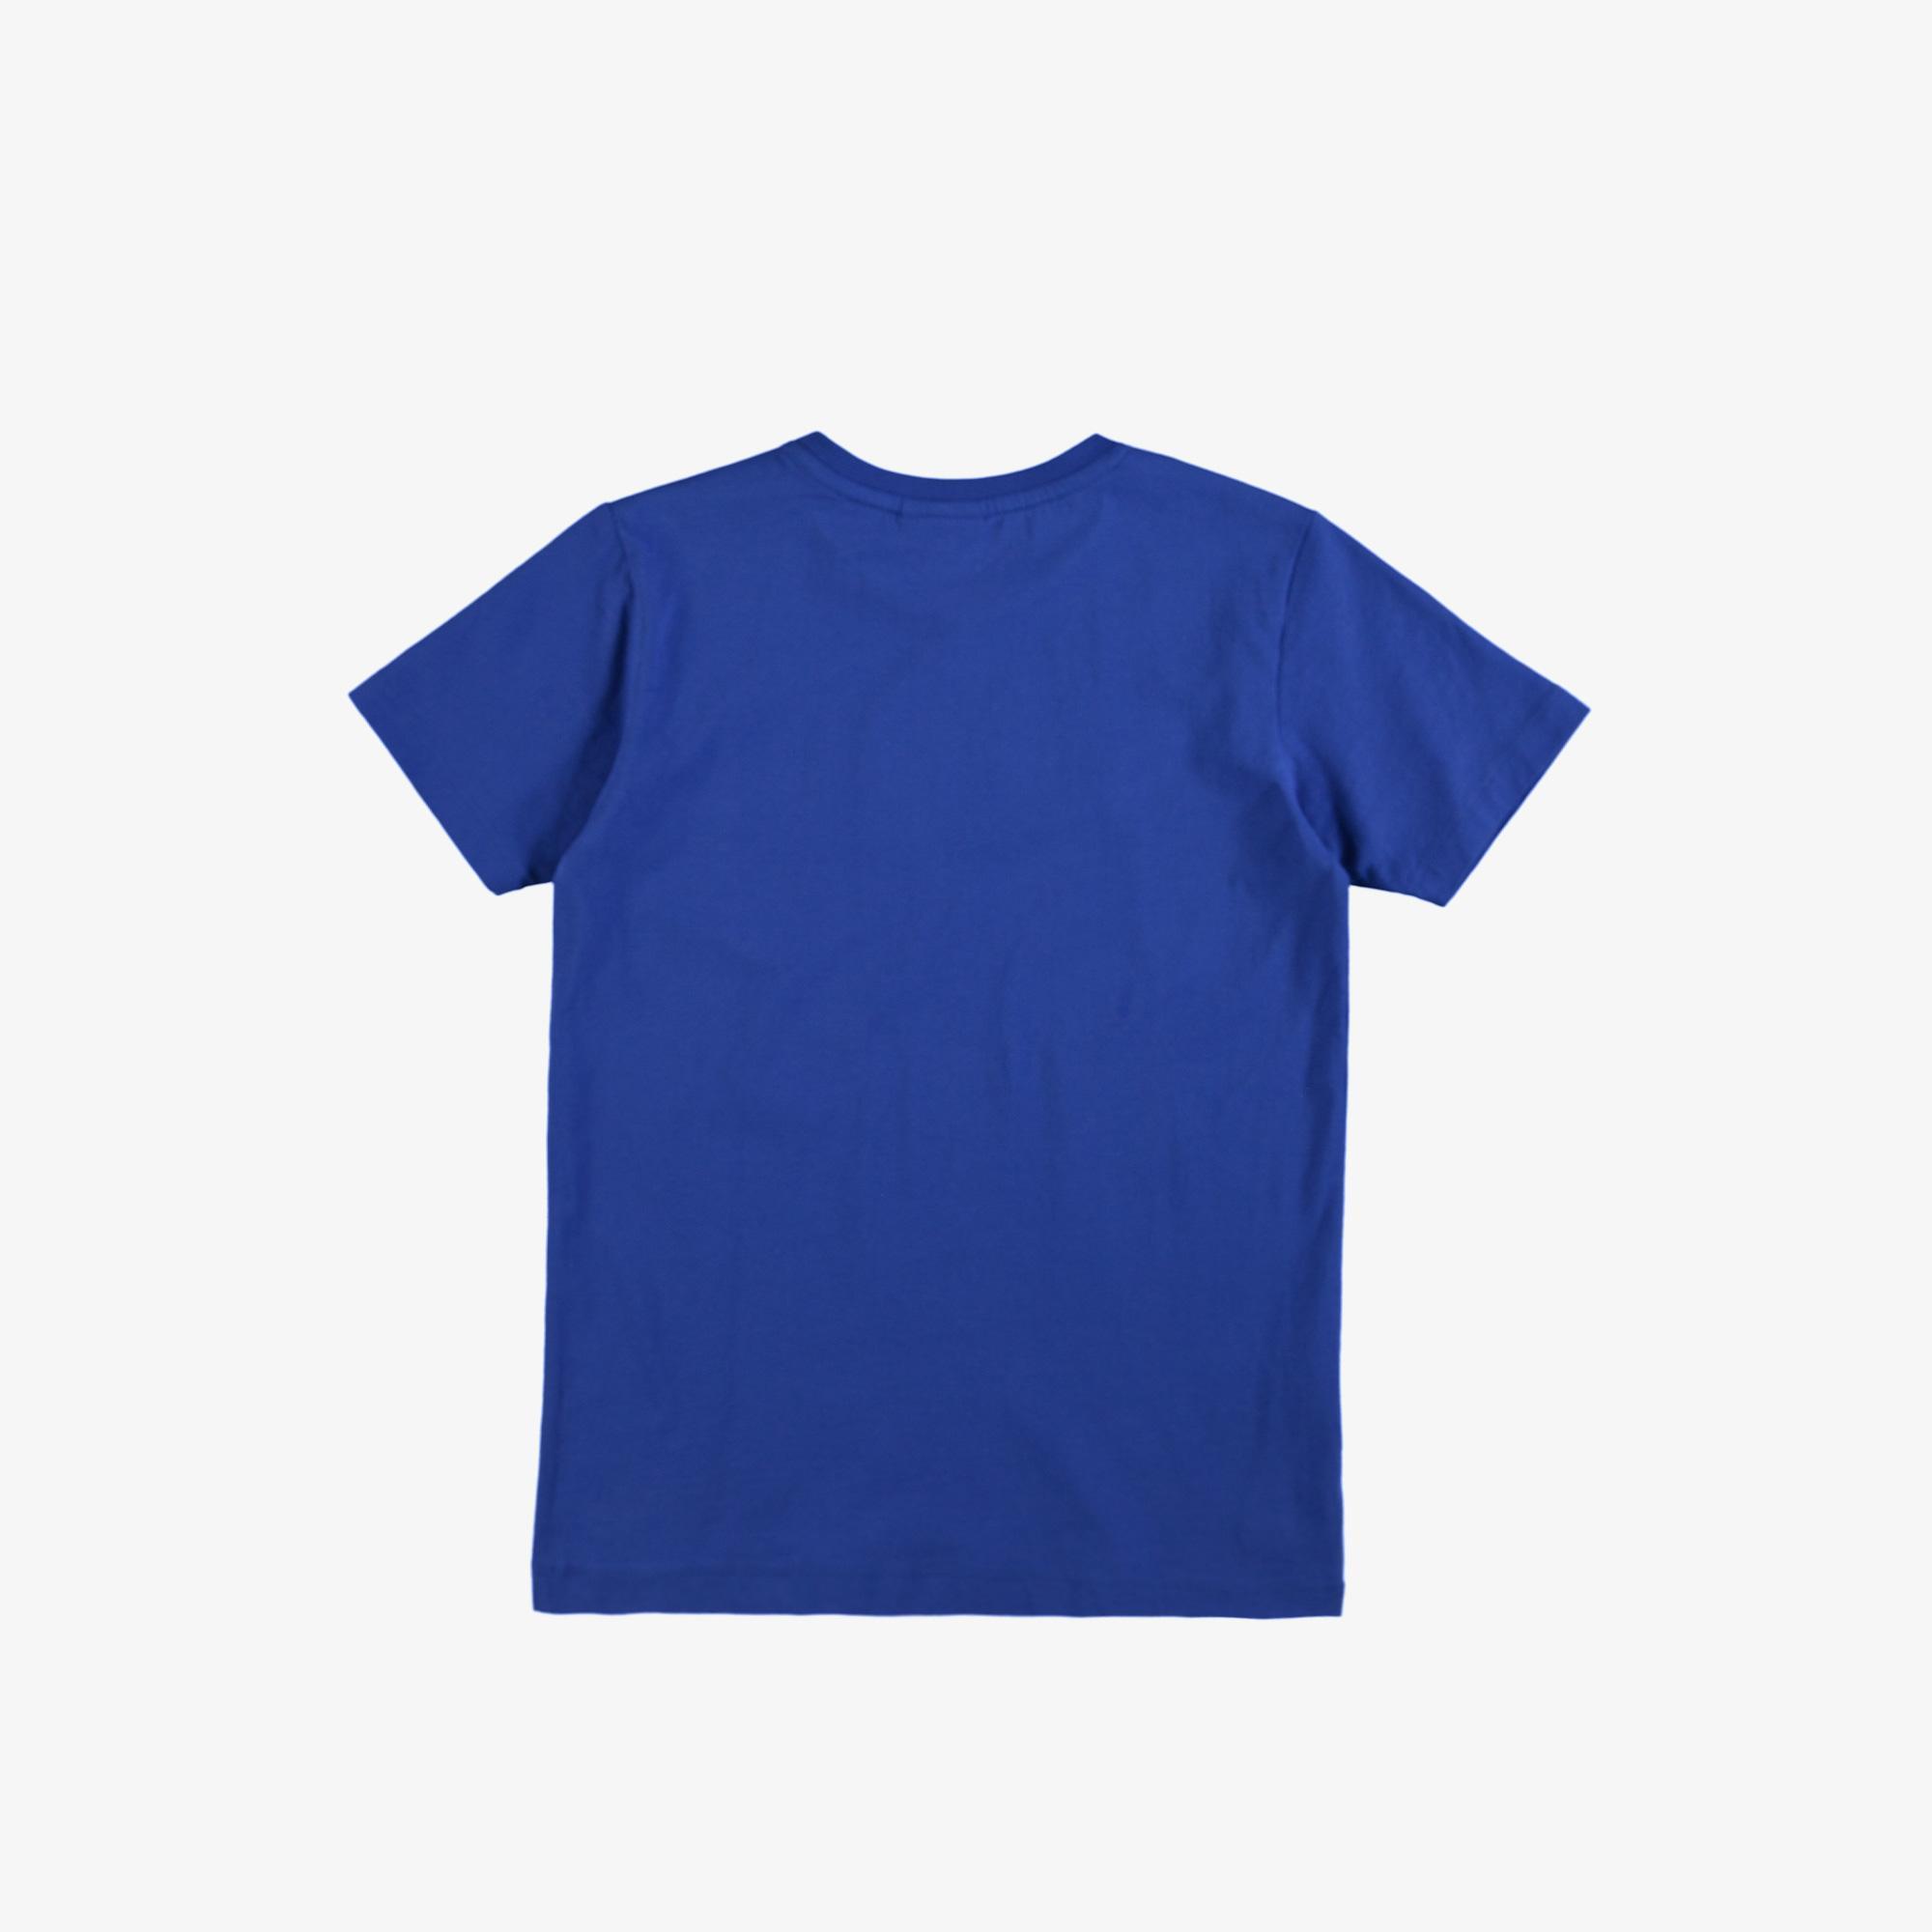 Lacoste Çocuk Bisiklet Yaka Baskılı Mavi T-Shirt